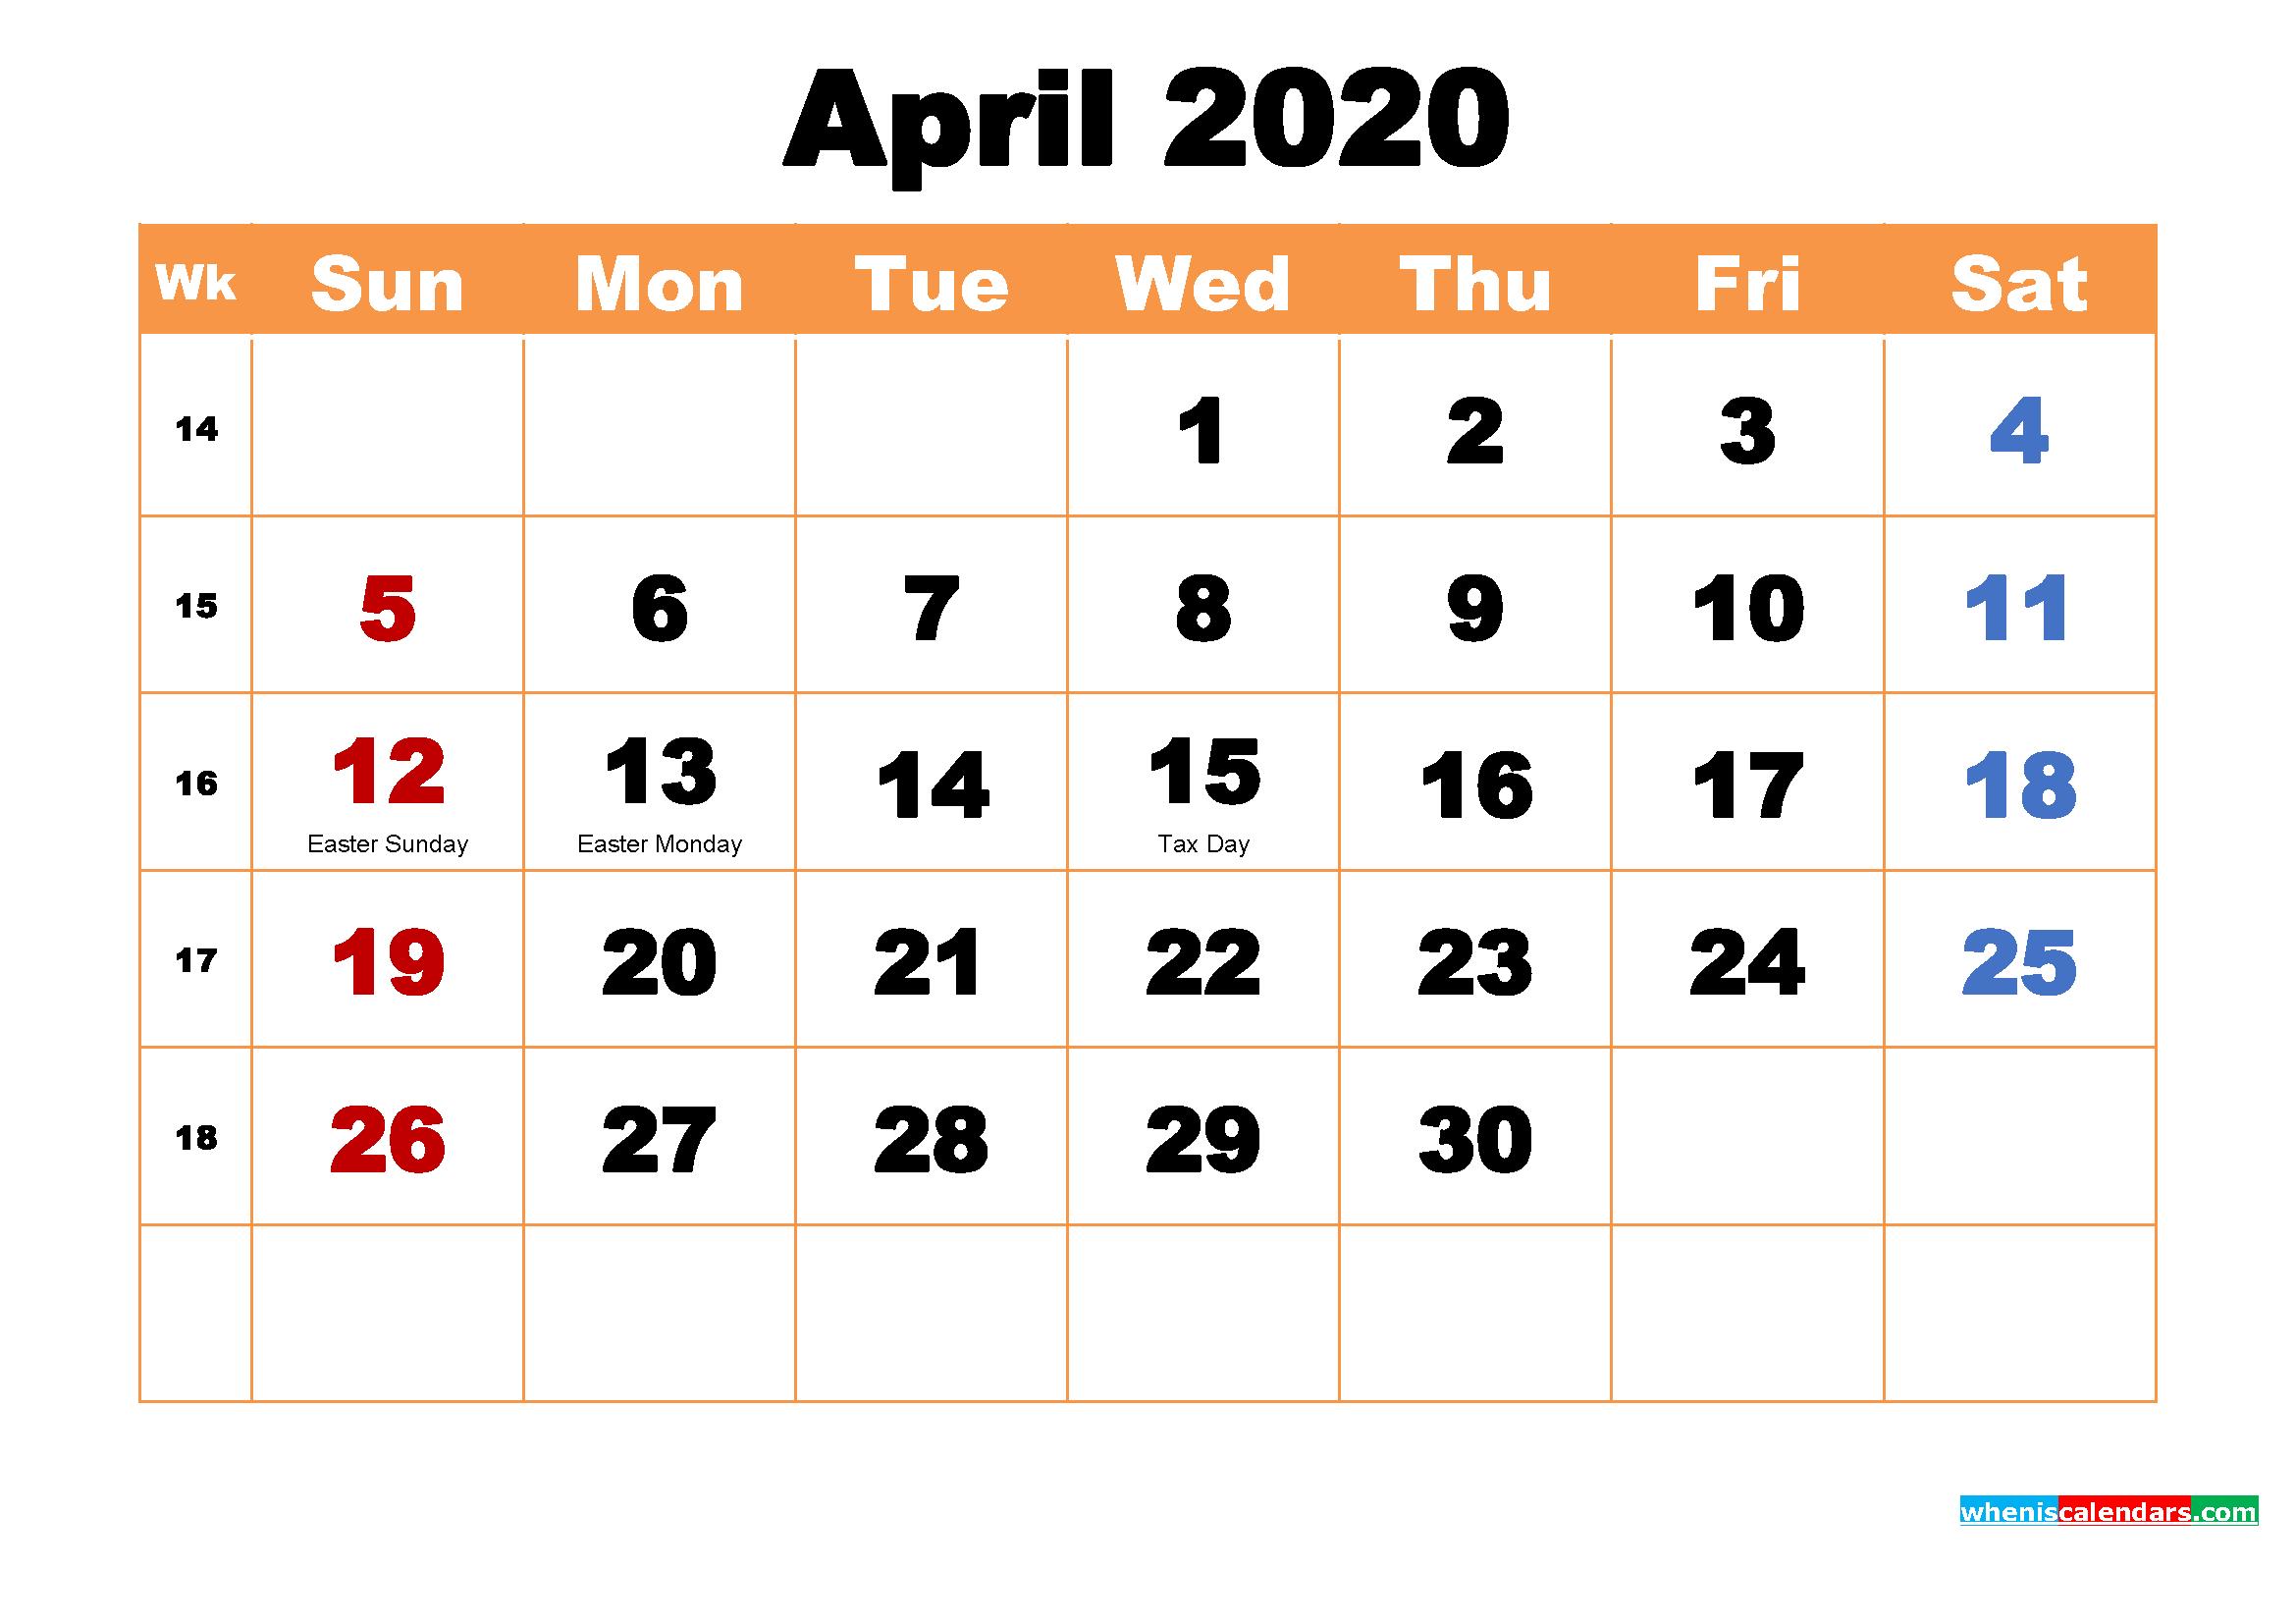 April 2020 Calendar Wallpaper High Resolution